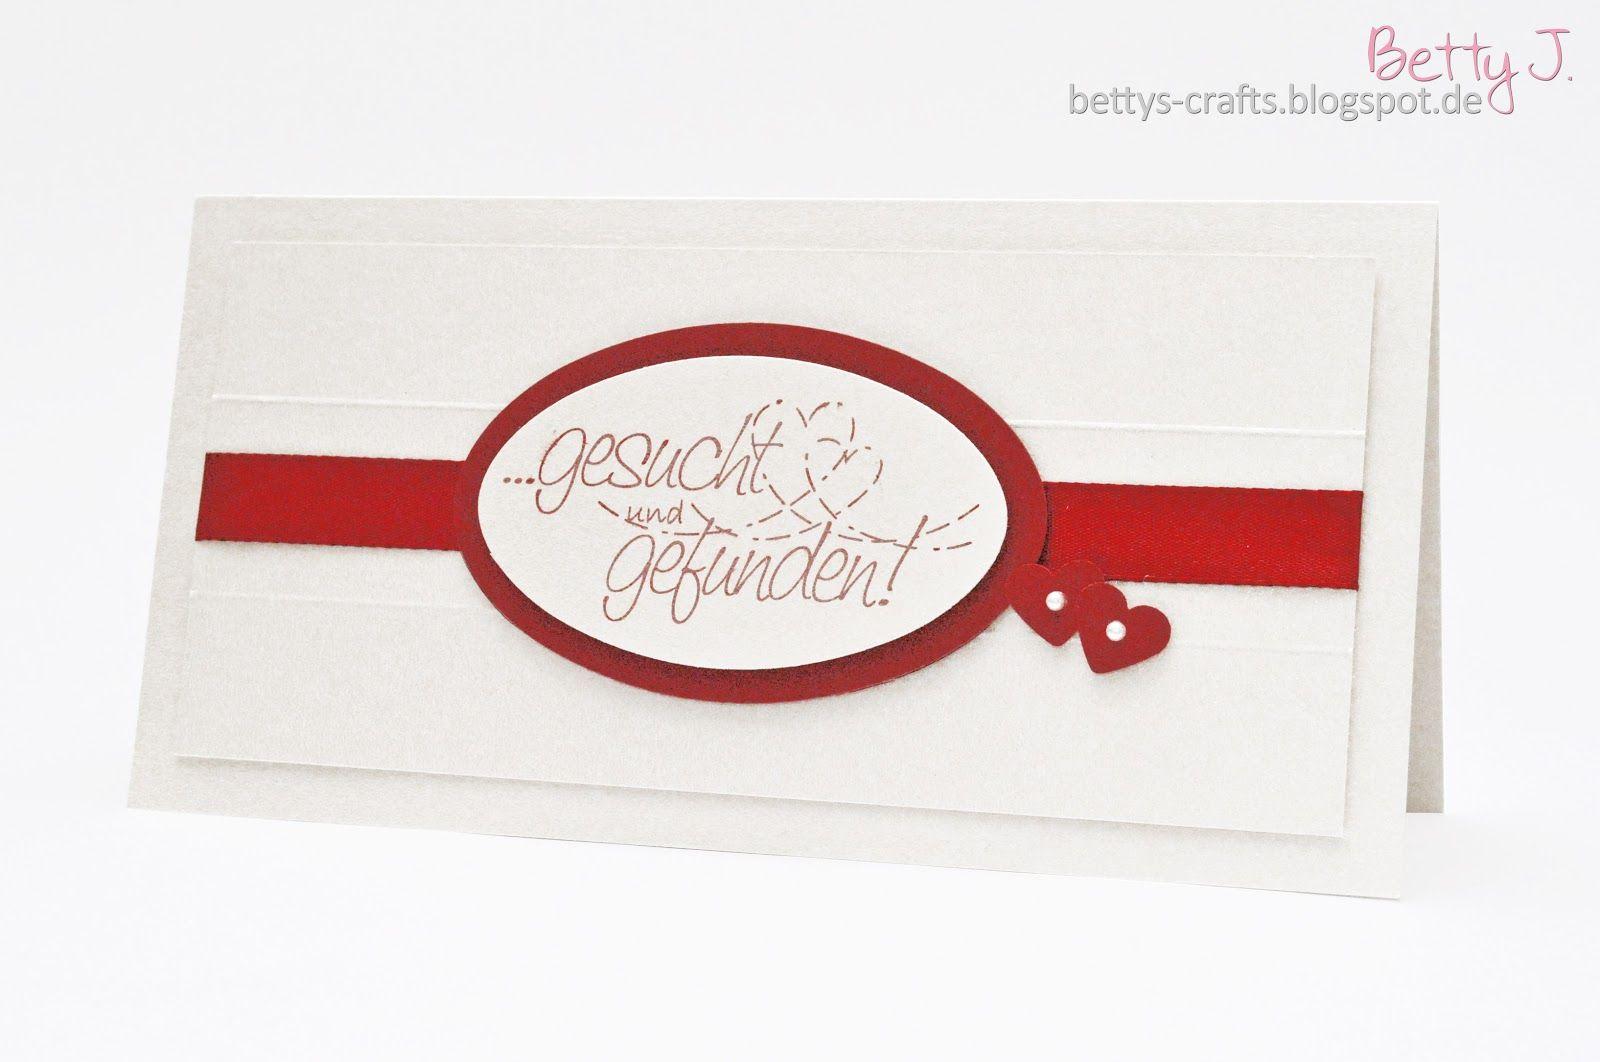 Bettys crafts gesucht und gefunden hochzeitskarte die siebte